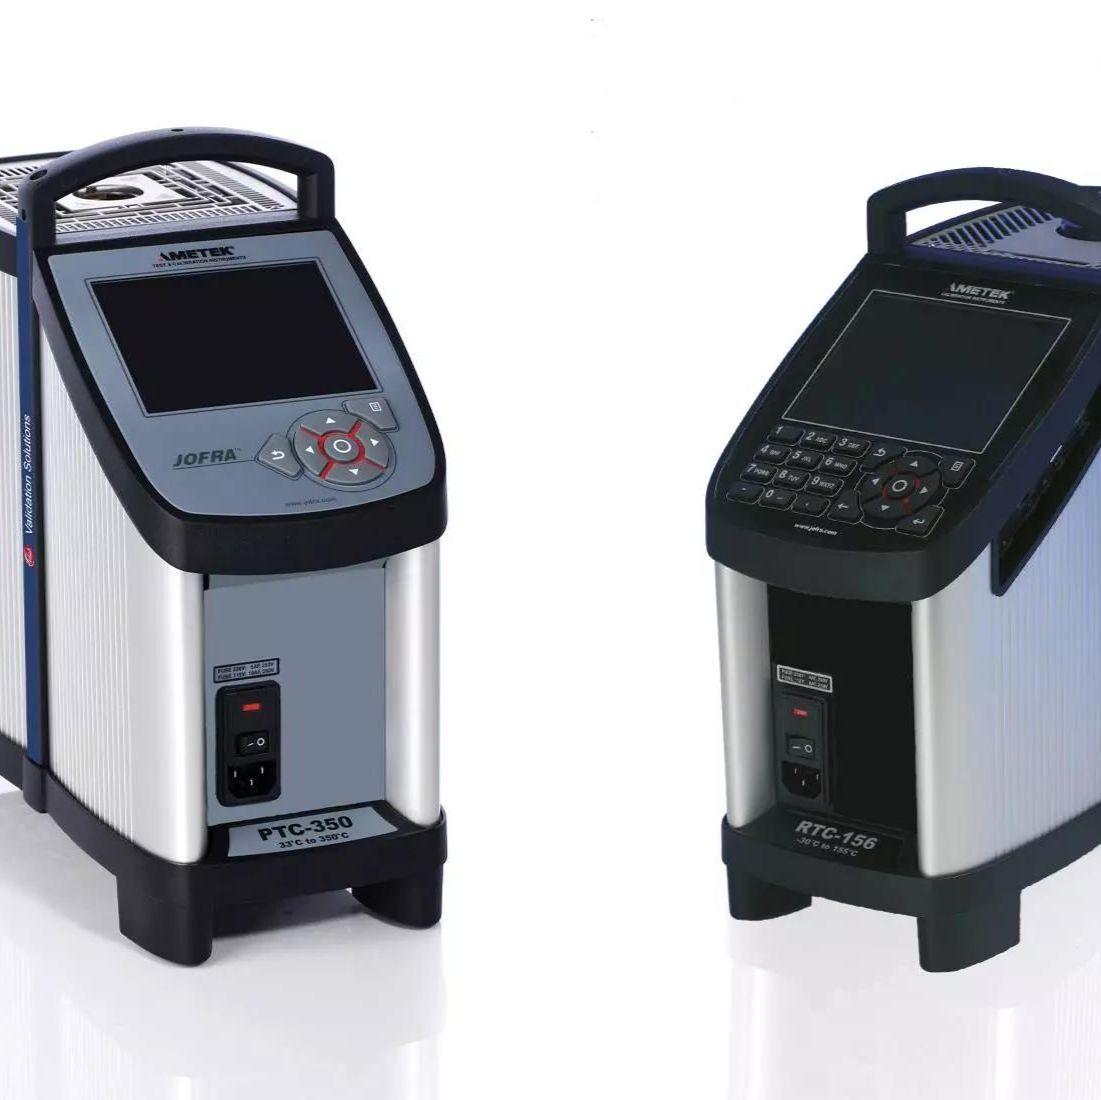 虹科Ellab校准设备及提供校准服务Calibration